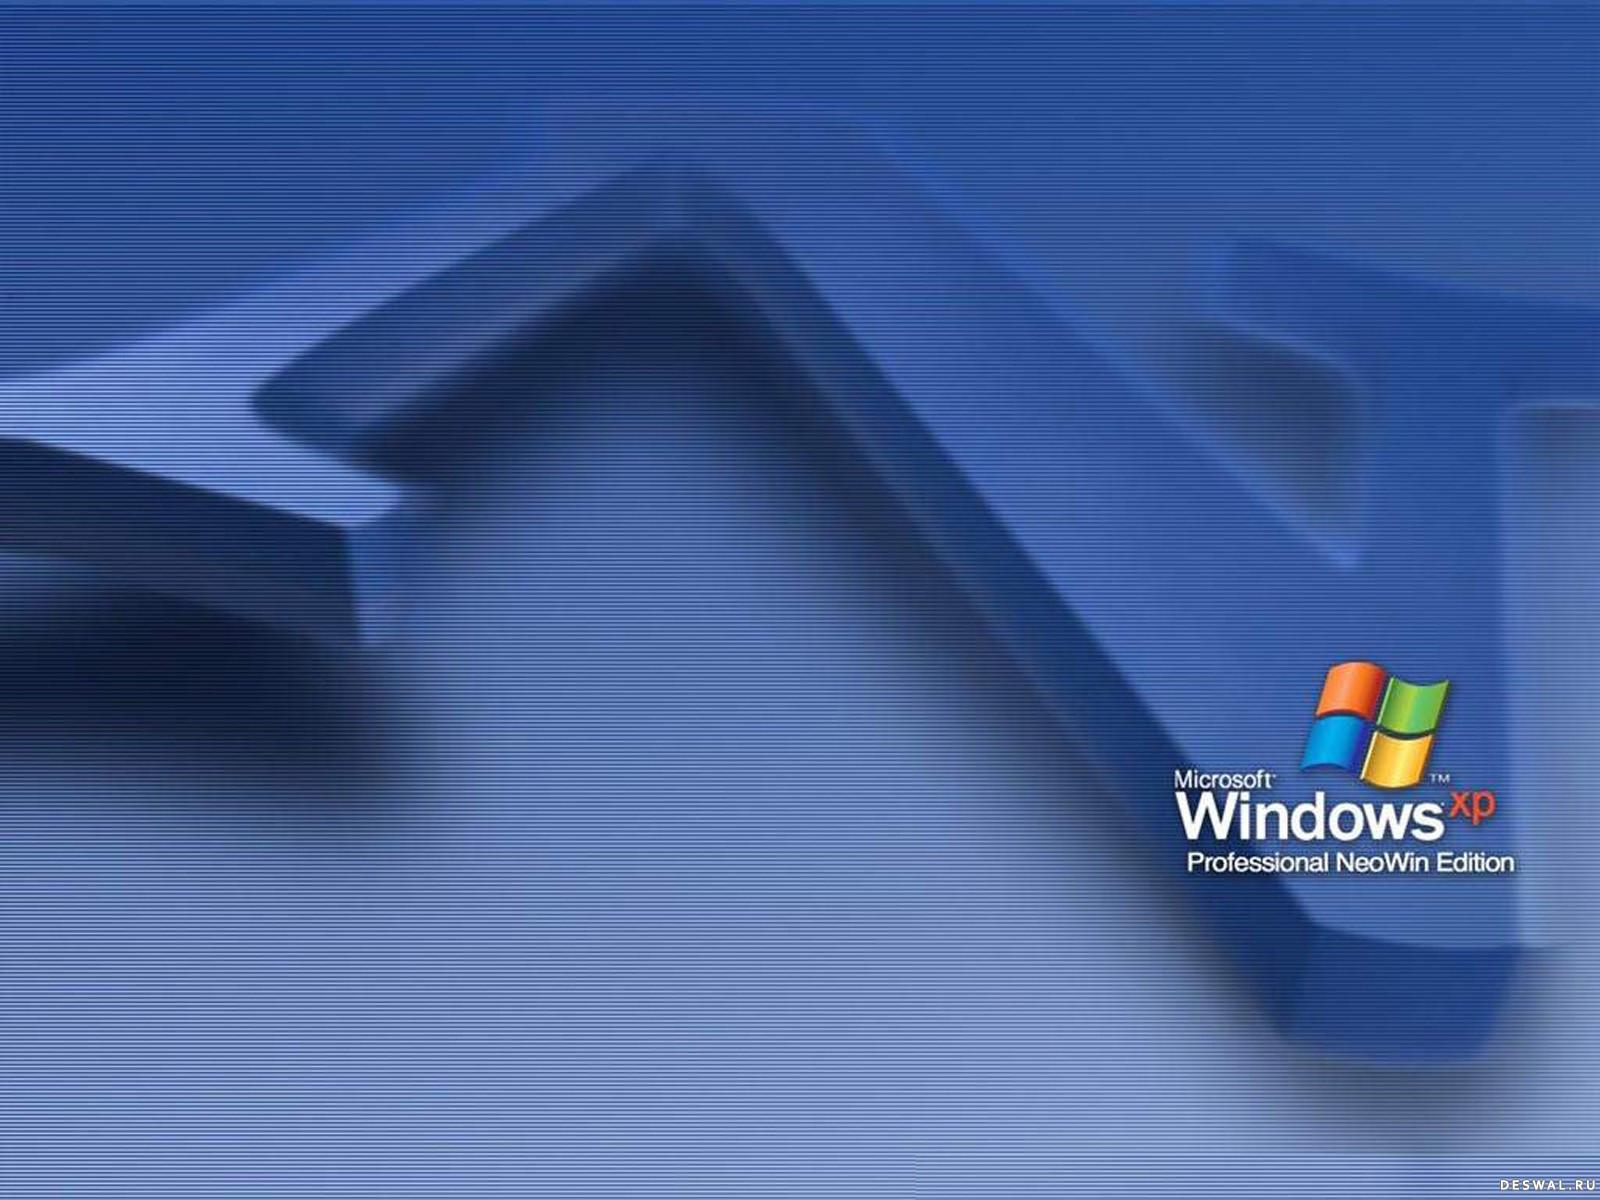 Фото 76. Нажмите на картинку с обоями windows, чтобы просмотреть ее в реальном размере